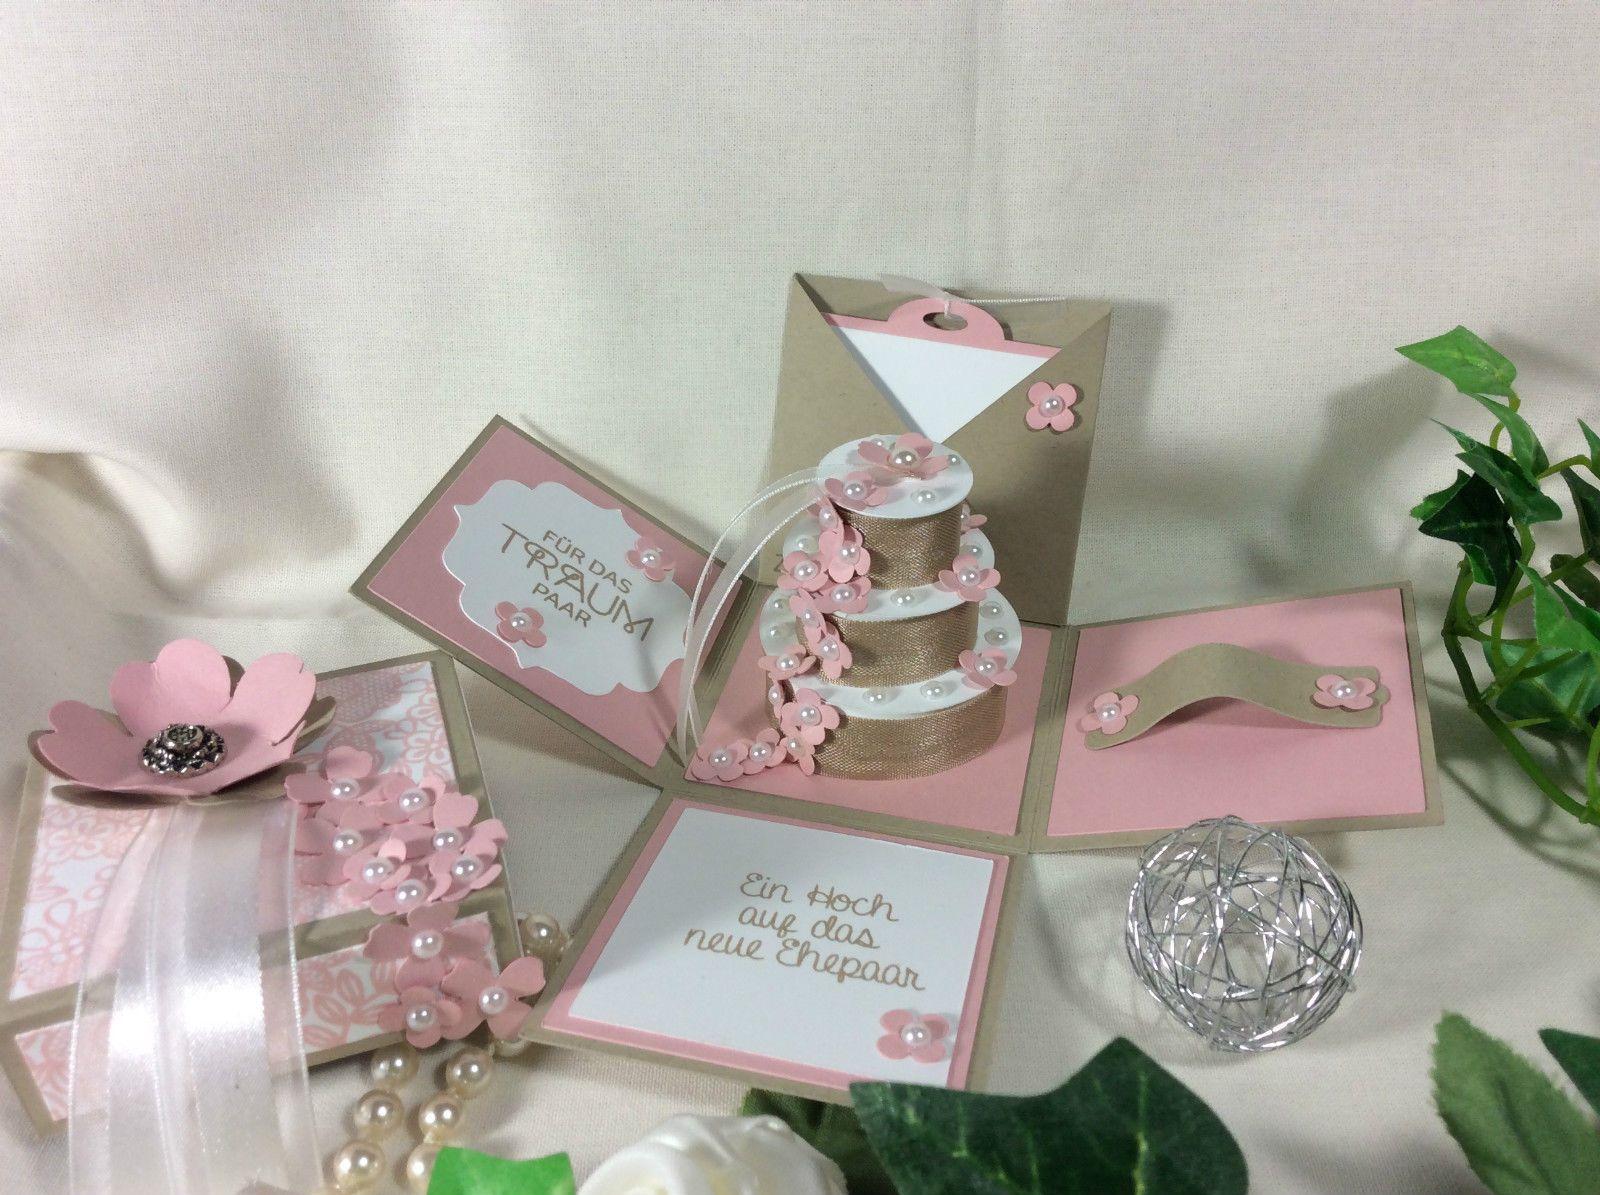 Magic Box Explosionsbox Geldgeschenk Zur Hochzeit Rosa Stampin Up